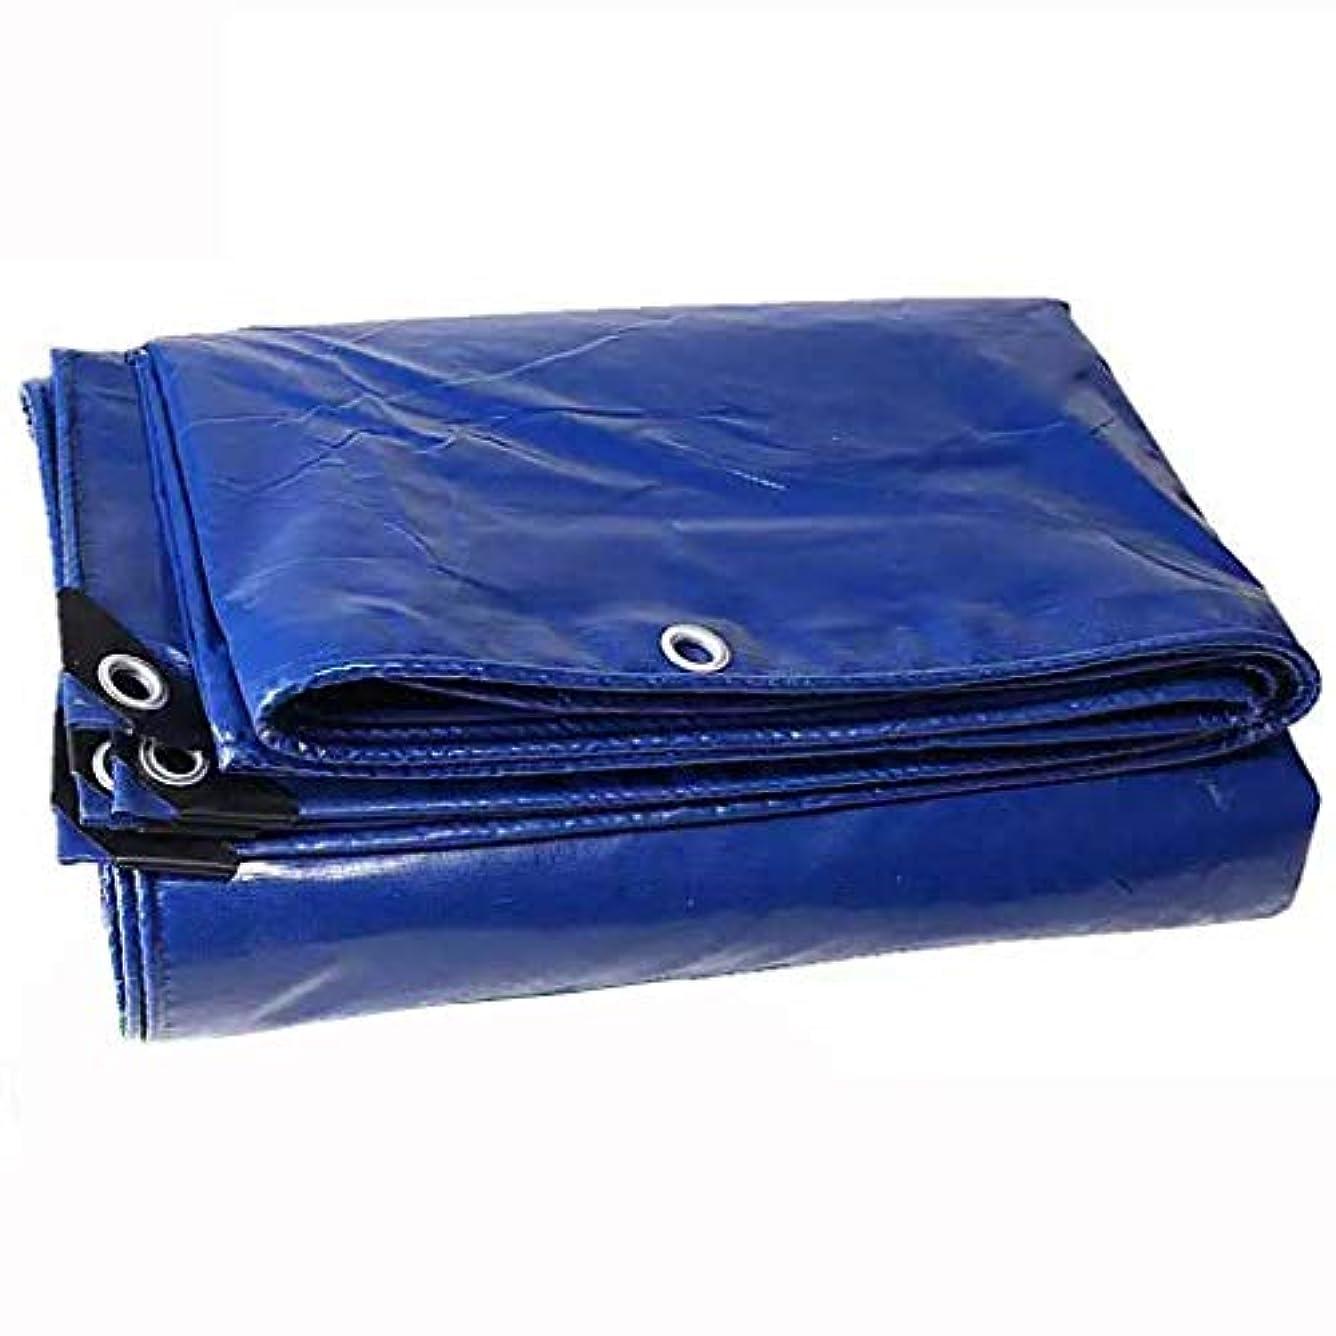 芸術苦しめる椅子アウトドア 防水シートオーニングキャノピートラック防水シートハイバーセミトレーラー防水シート防水日焼け止めPVC防水シート高品質耐摩耗性 テント (Color : Blue, Size : 500*700cm)